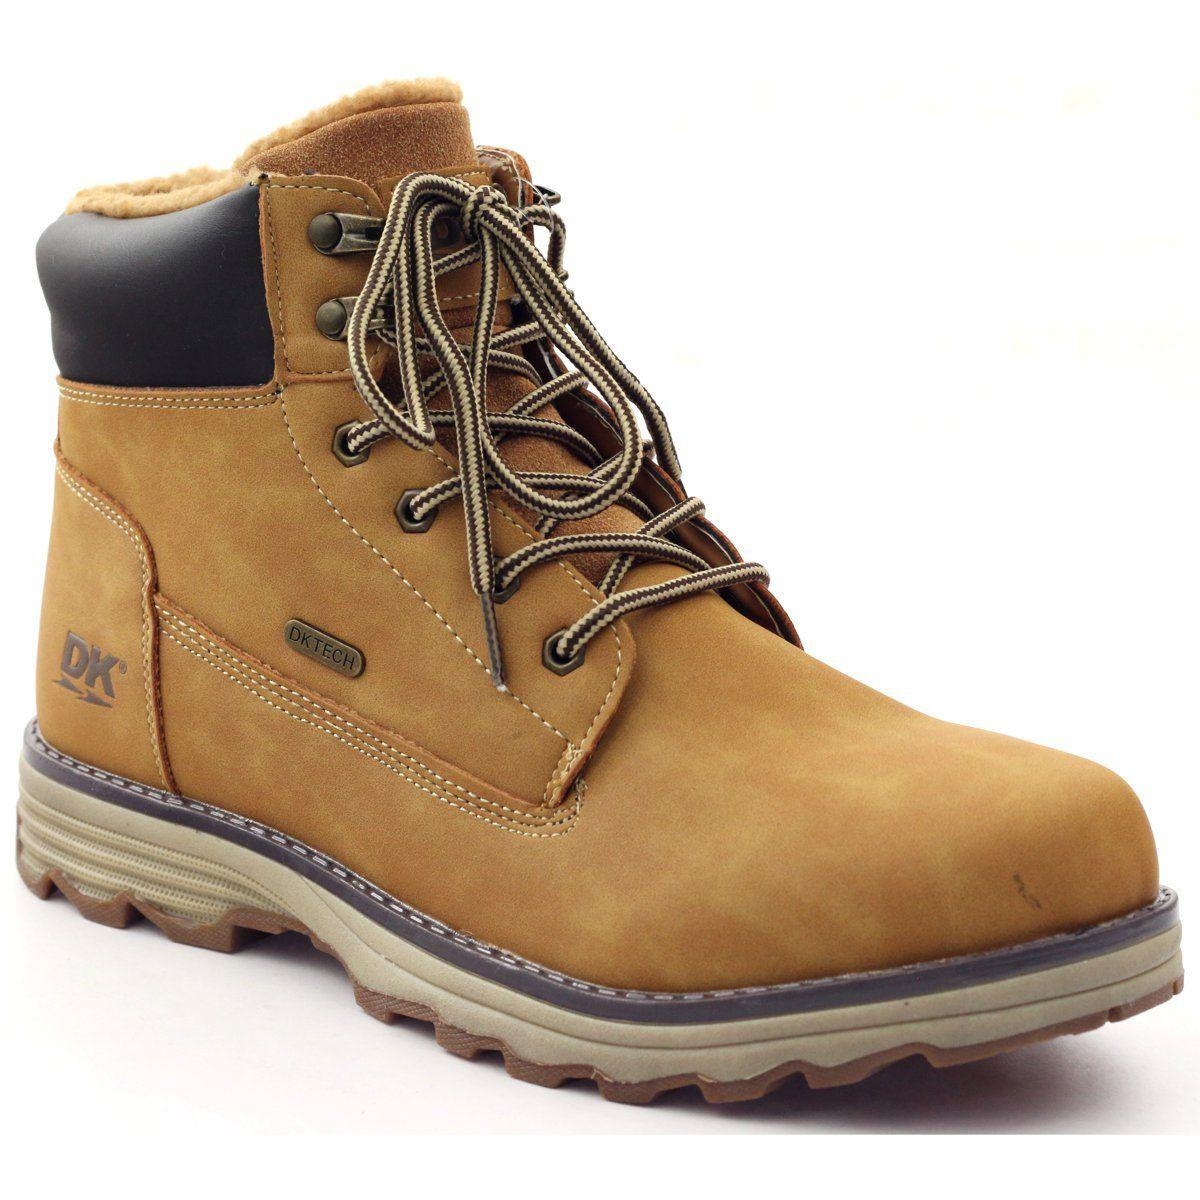 Trzewiki Meskie Futerko Dk 16me Zolte Wielokolorowe Boots Timberland Boots Shoes